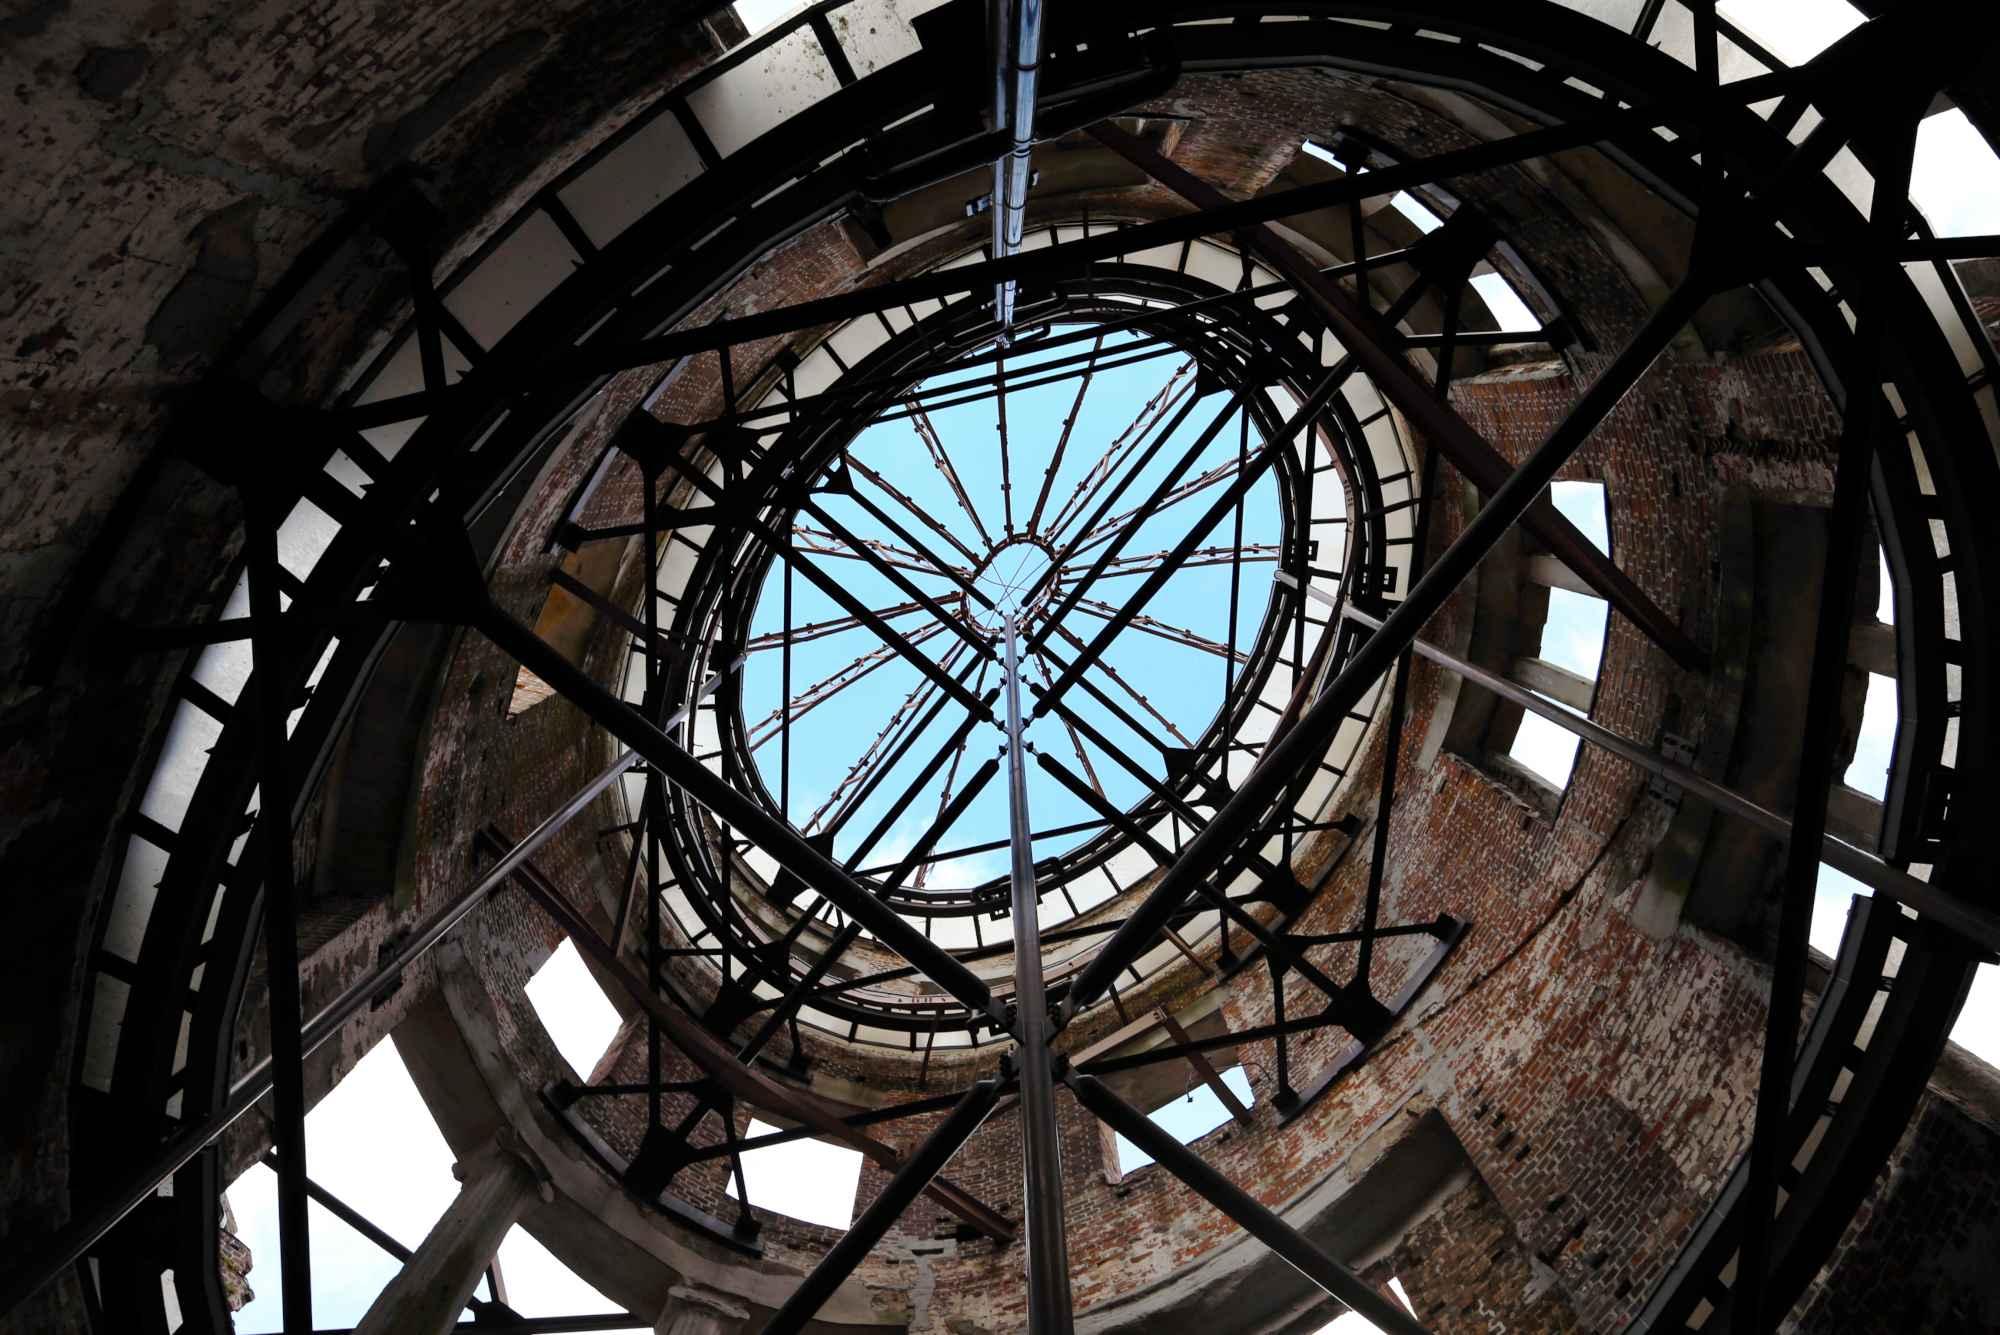 ドームの真下に張り巡らされた支柱。間からは青い空が見えた=11月1日、広島市中区、上田幸一撮影